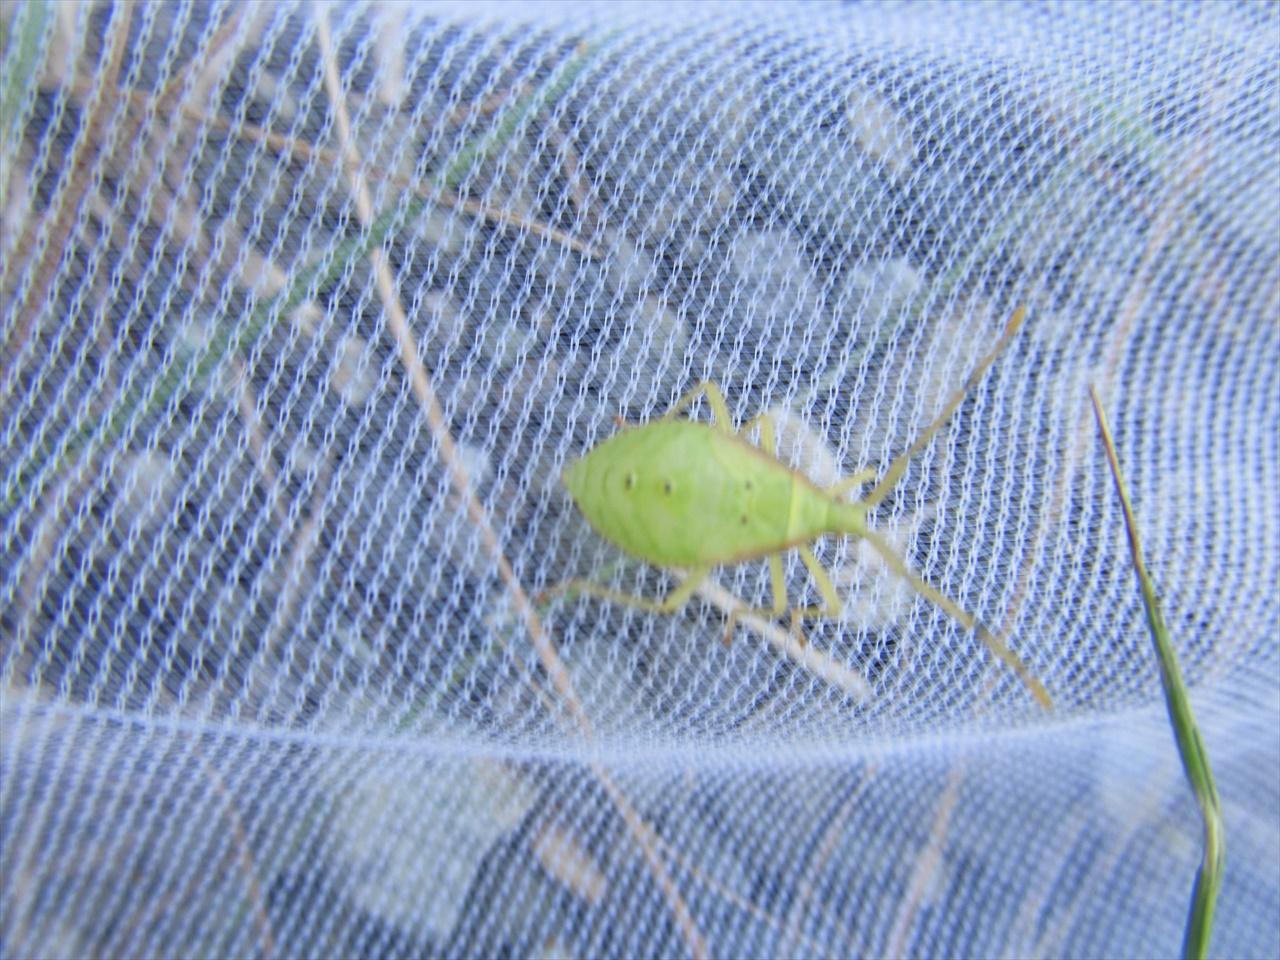 ホシハラビロカメムシ幼虫